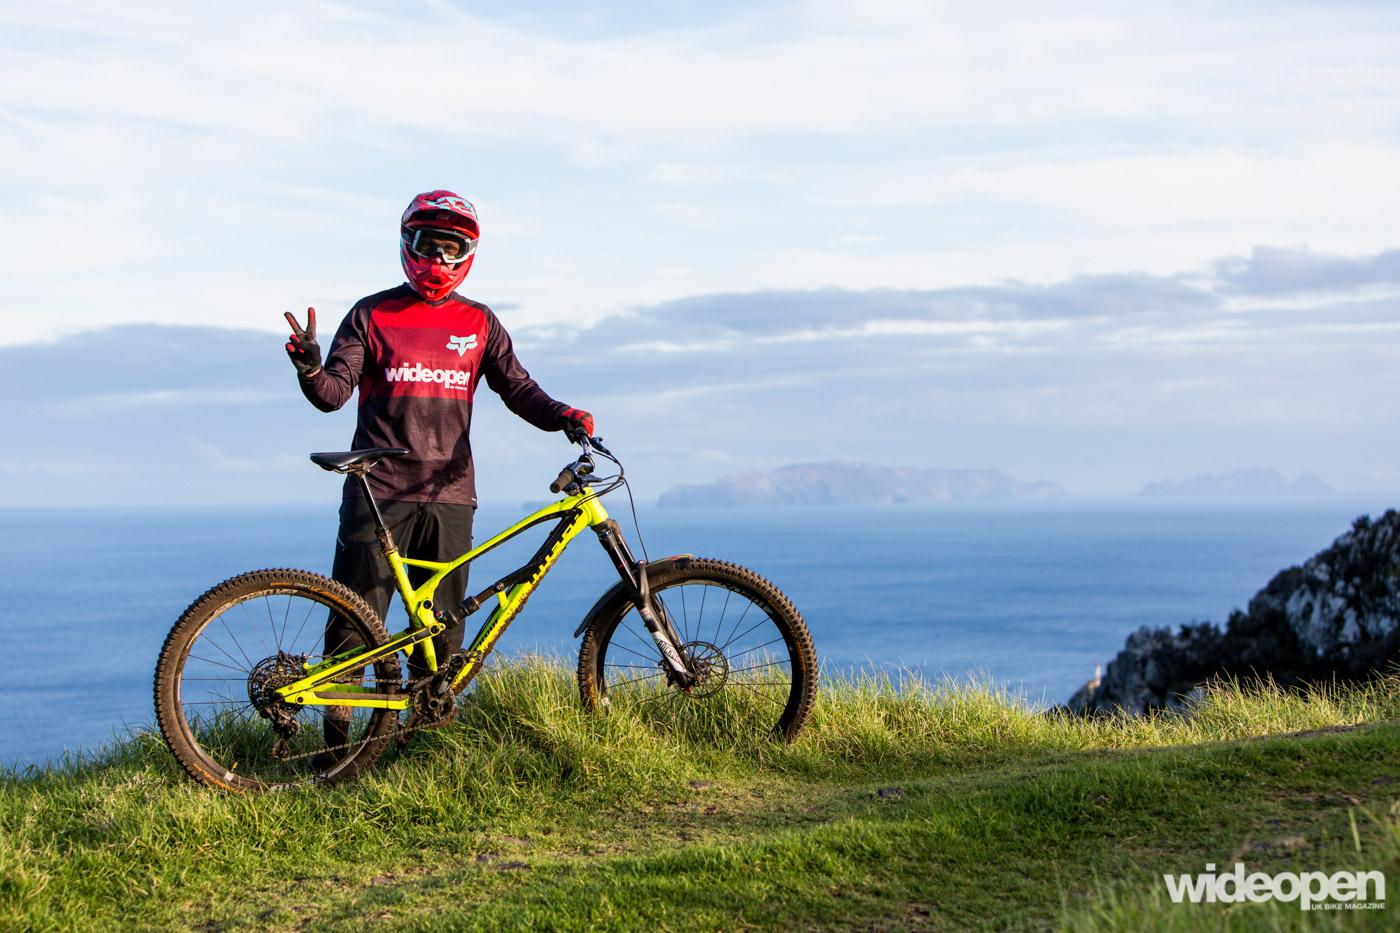 Nukeproof Mega Team 275 Nukeproof Bikes Wideopenmag Freeride Madeira